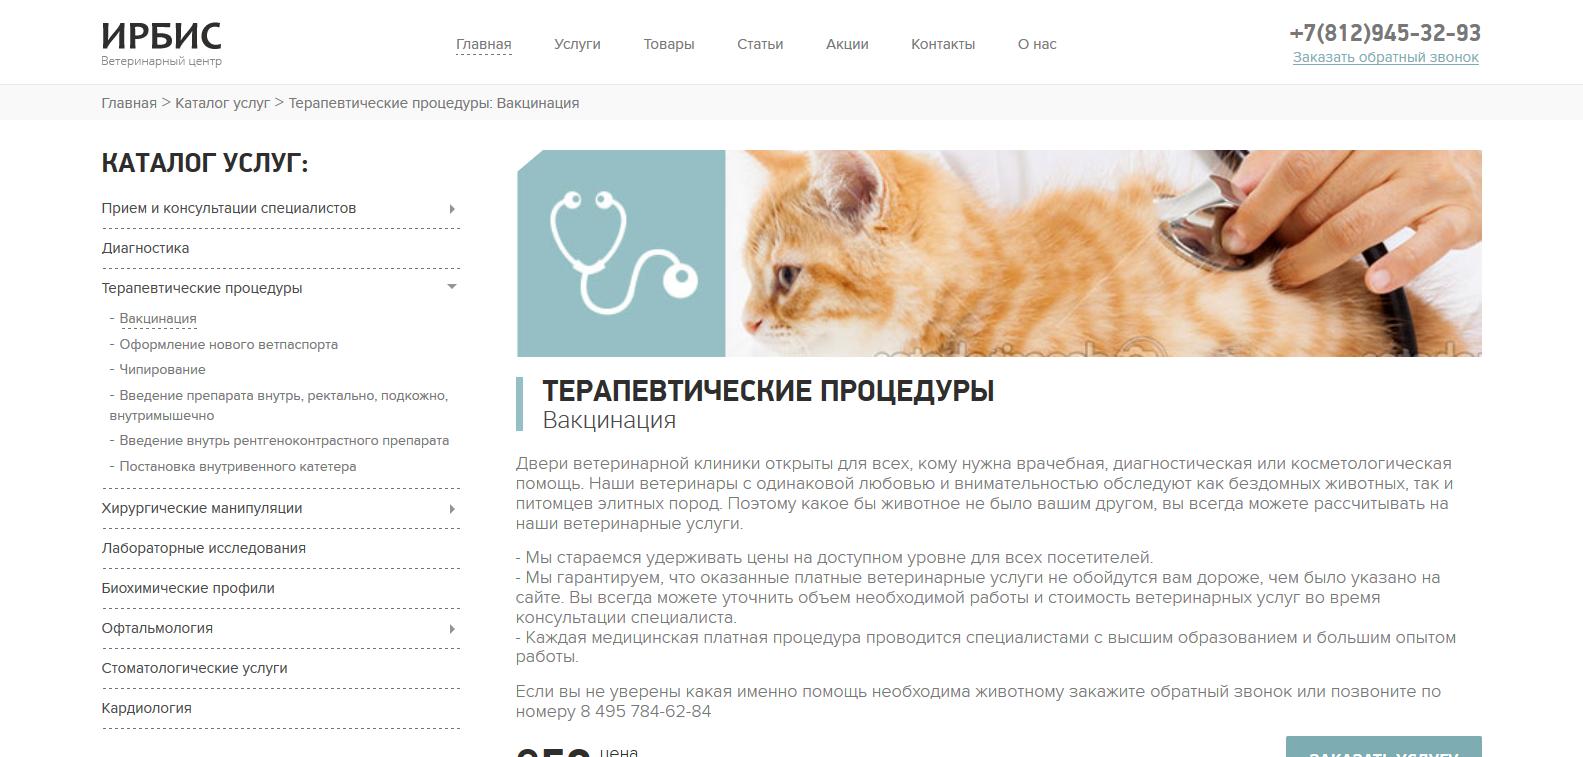 Ирбис - ветеринарная клиника